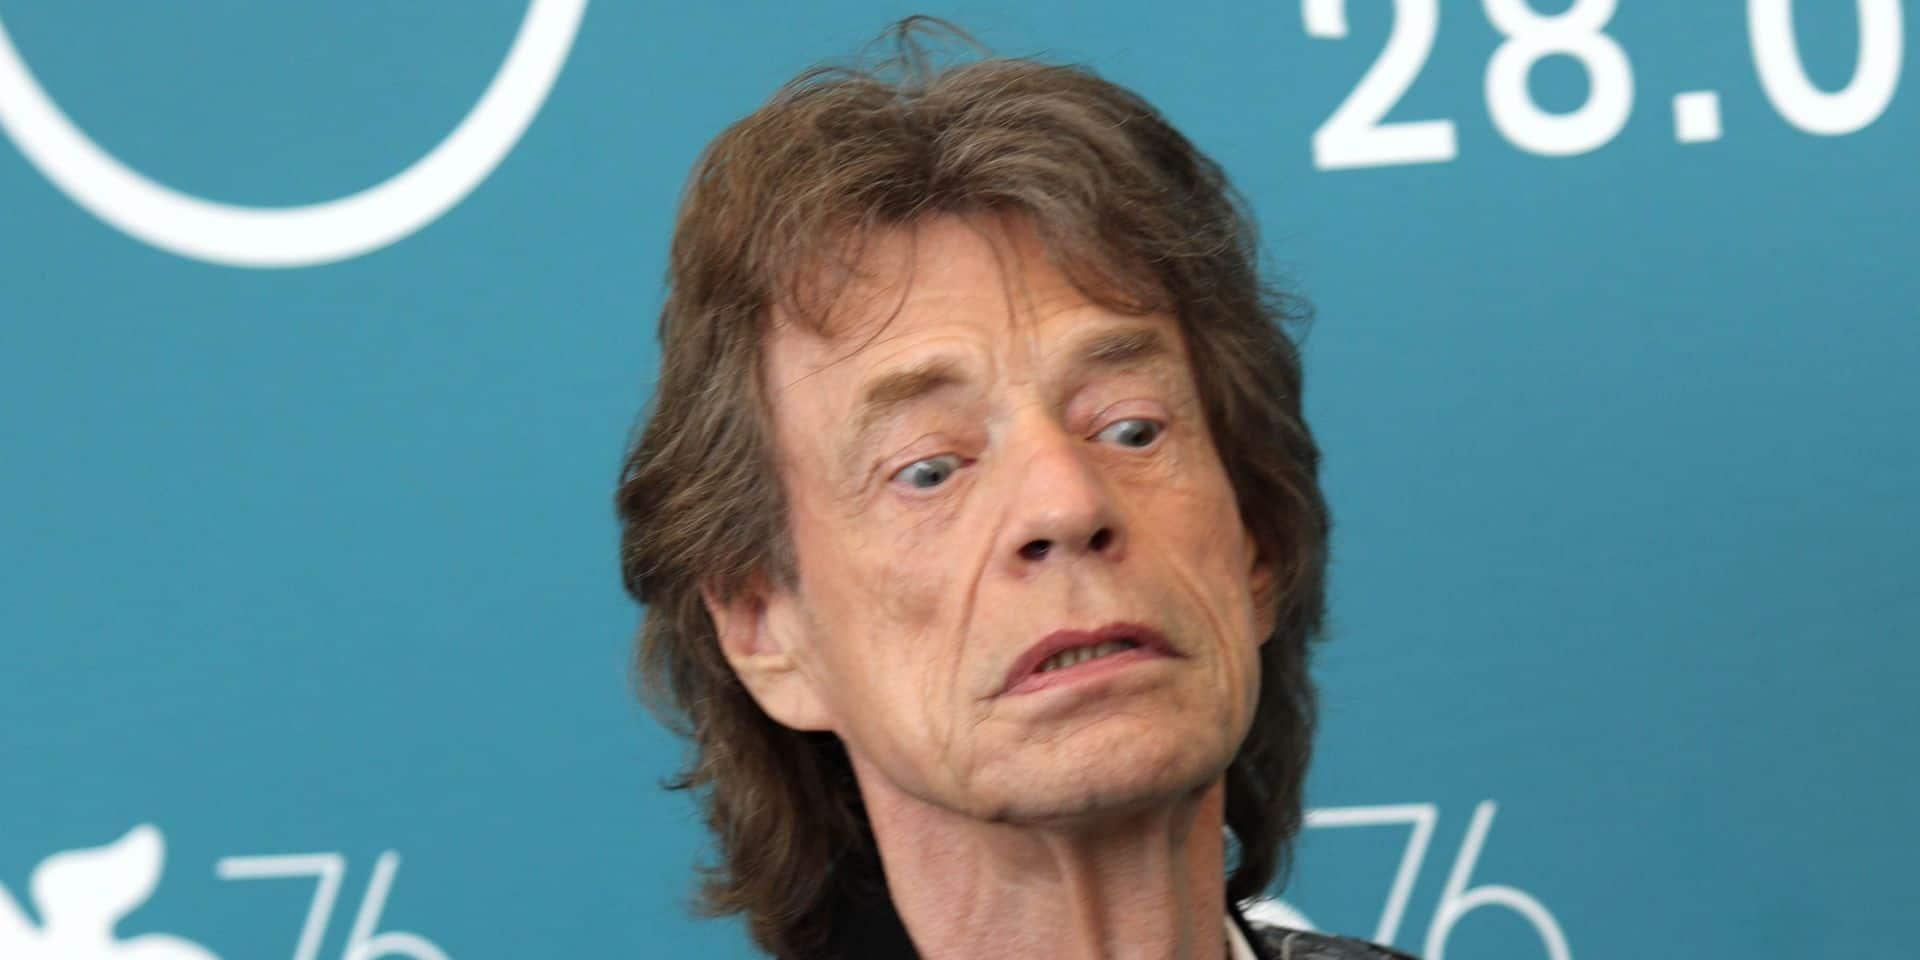 Mick Jagger at 76th Venice Film Festival